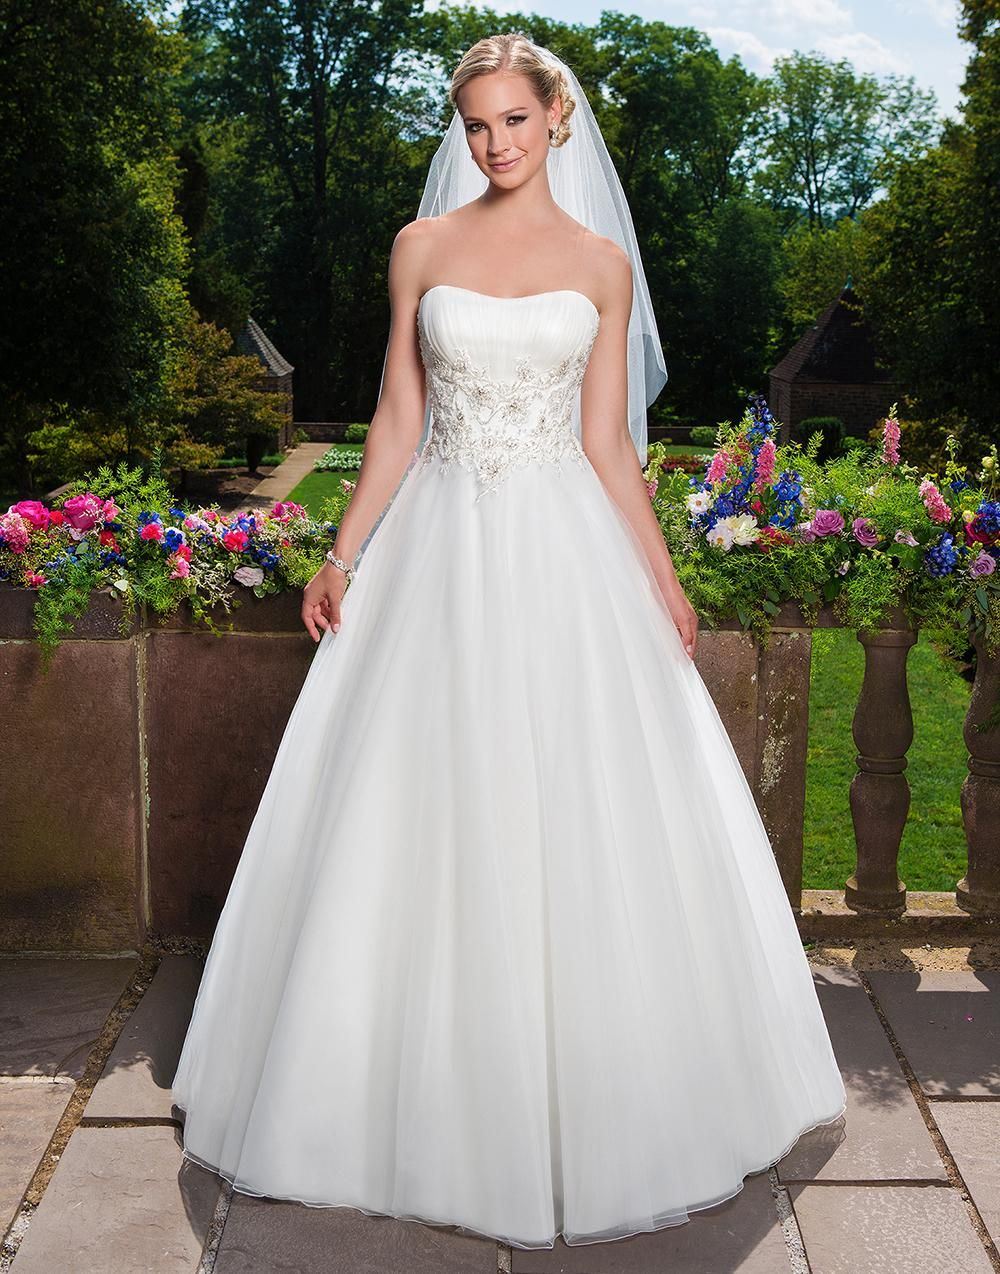 Nett Maggie Sottero Hochzeitskleid Preise Bilder - Brautkleider ...